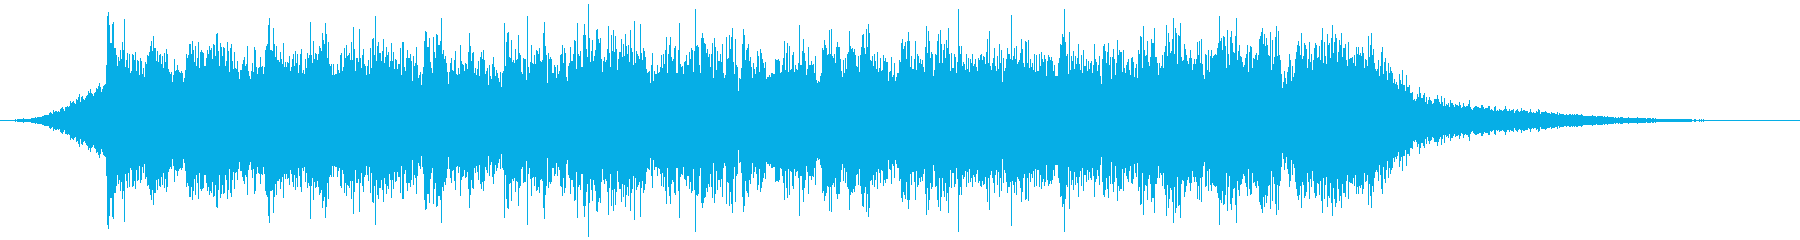 企業VP映像、152オーケストラ、爽快cの再生済みの波形